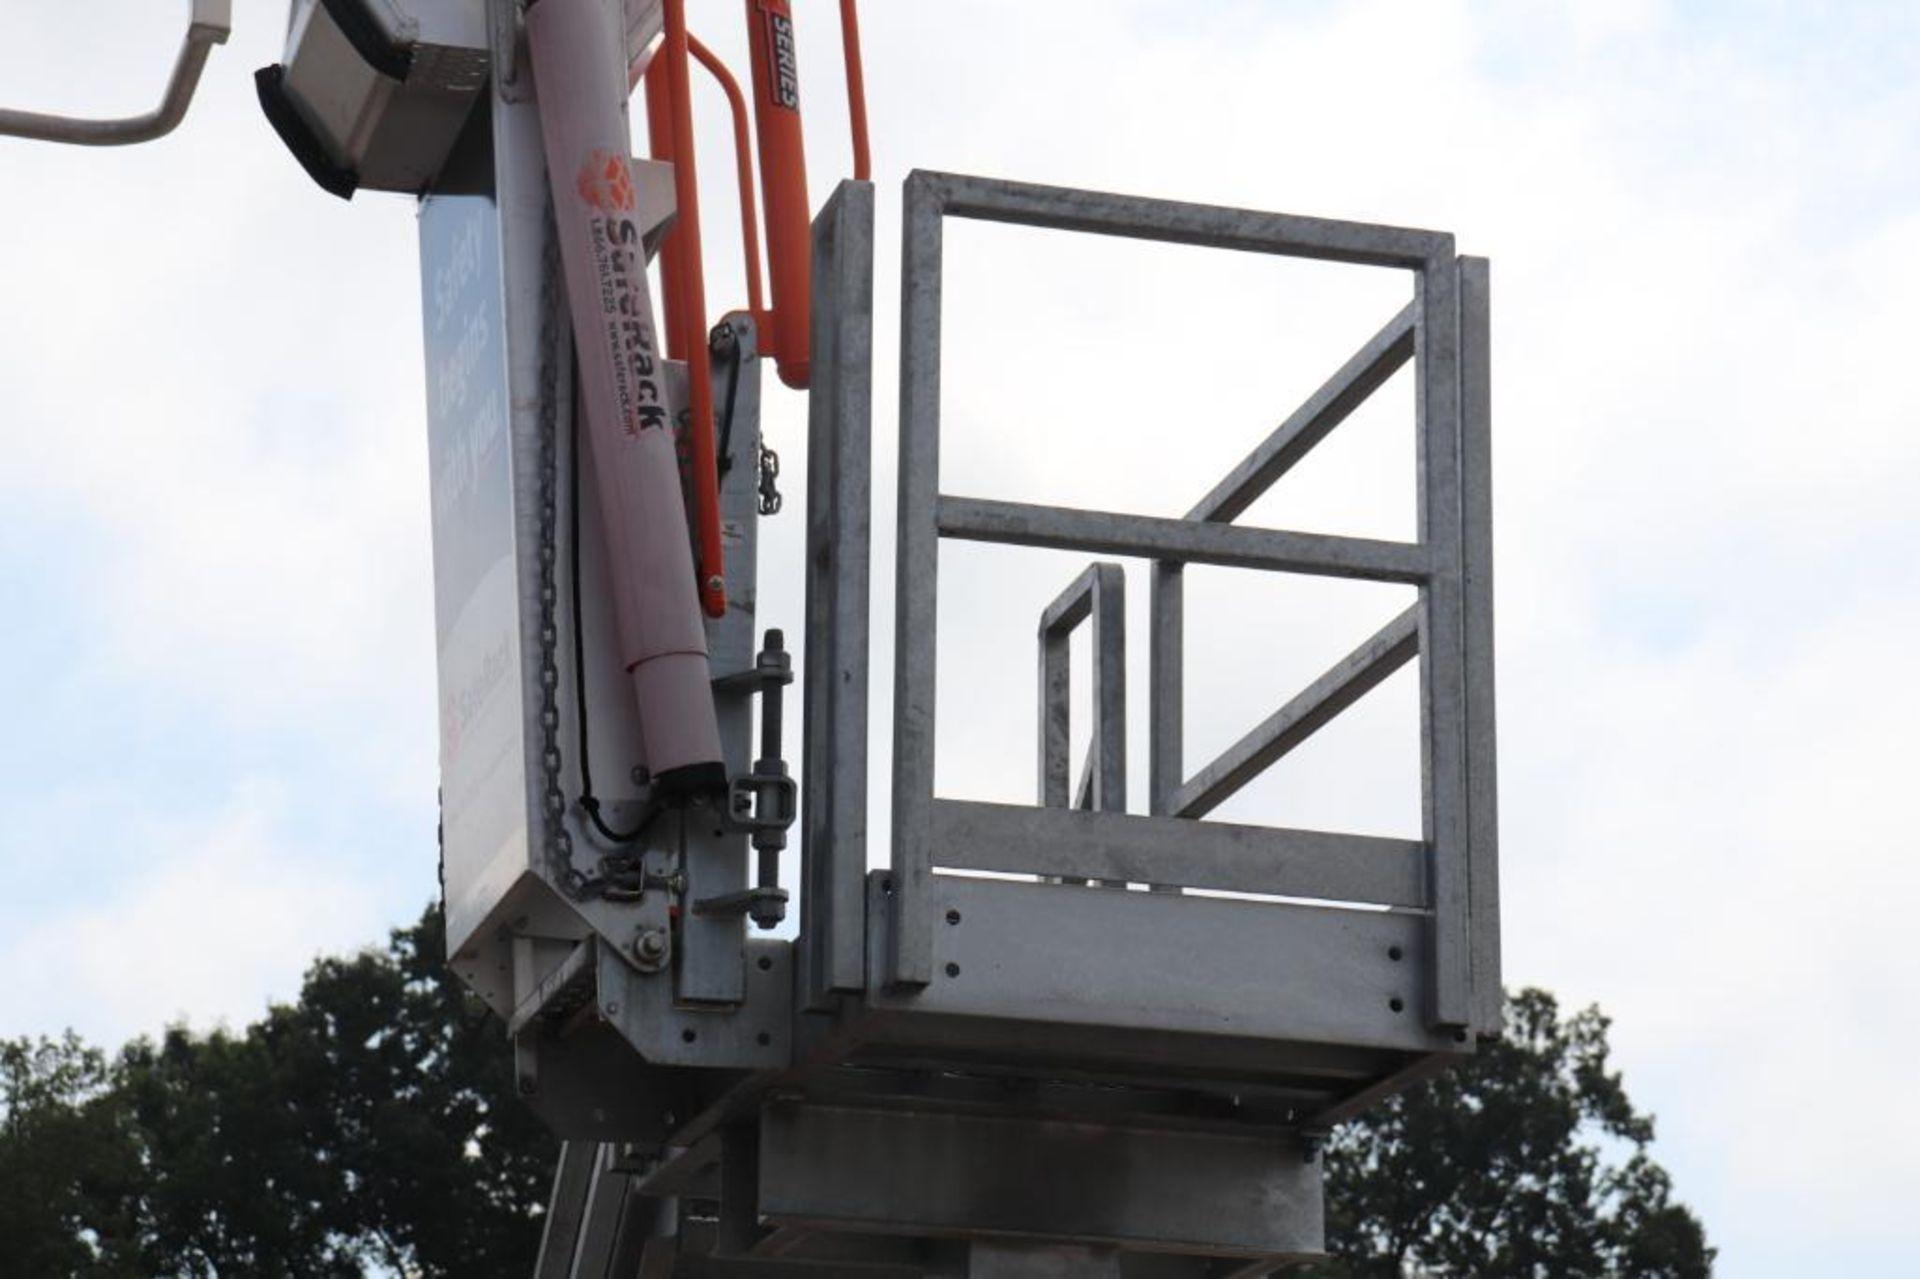 SafeRack truck loading and unloading platform - Image 5 of 10